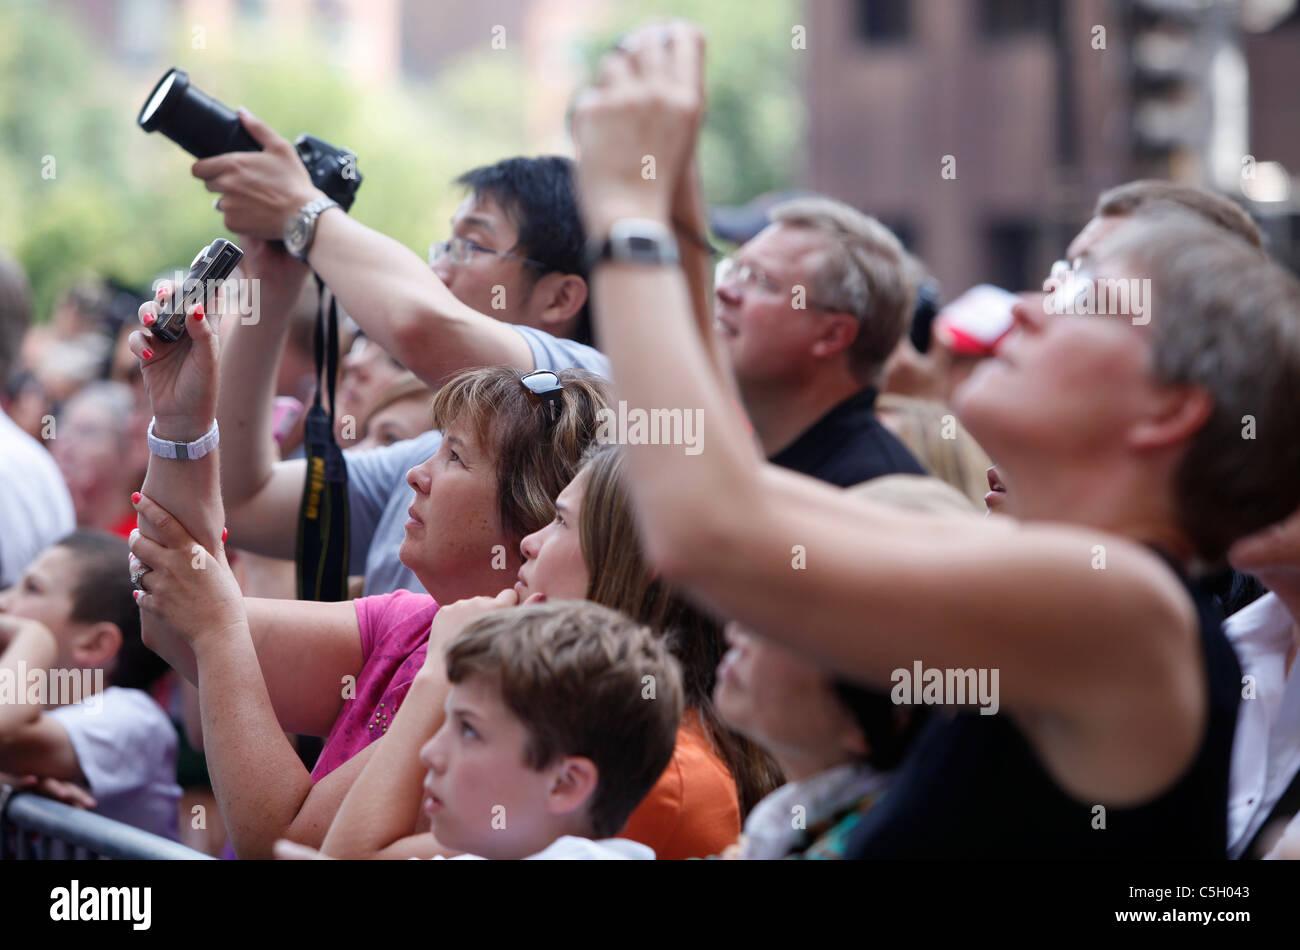 Menge von Menschen fotografieren Stockbild